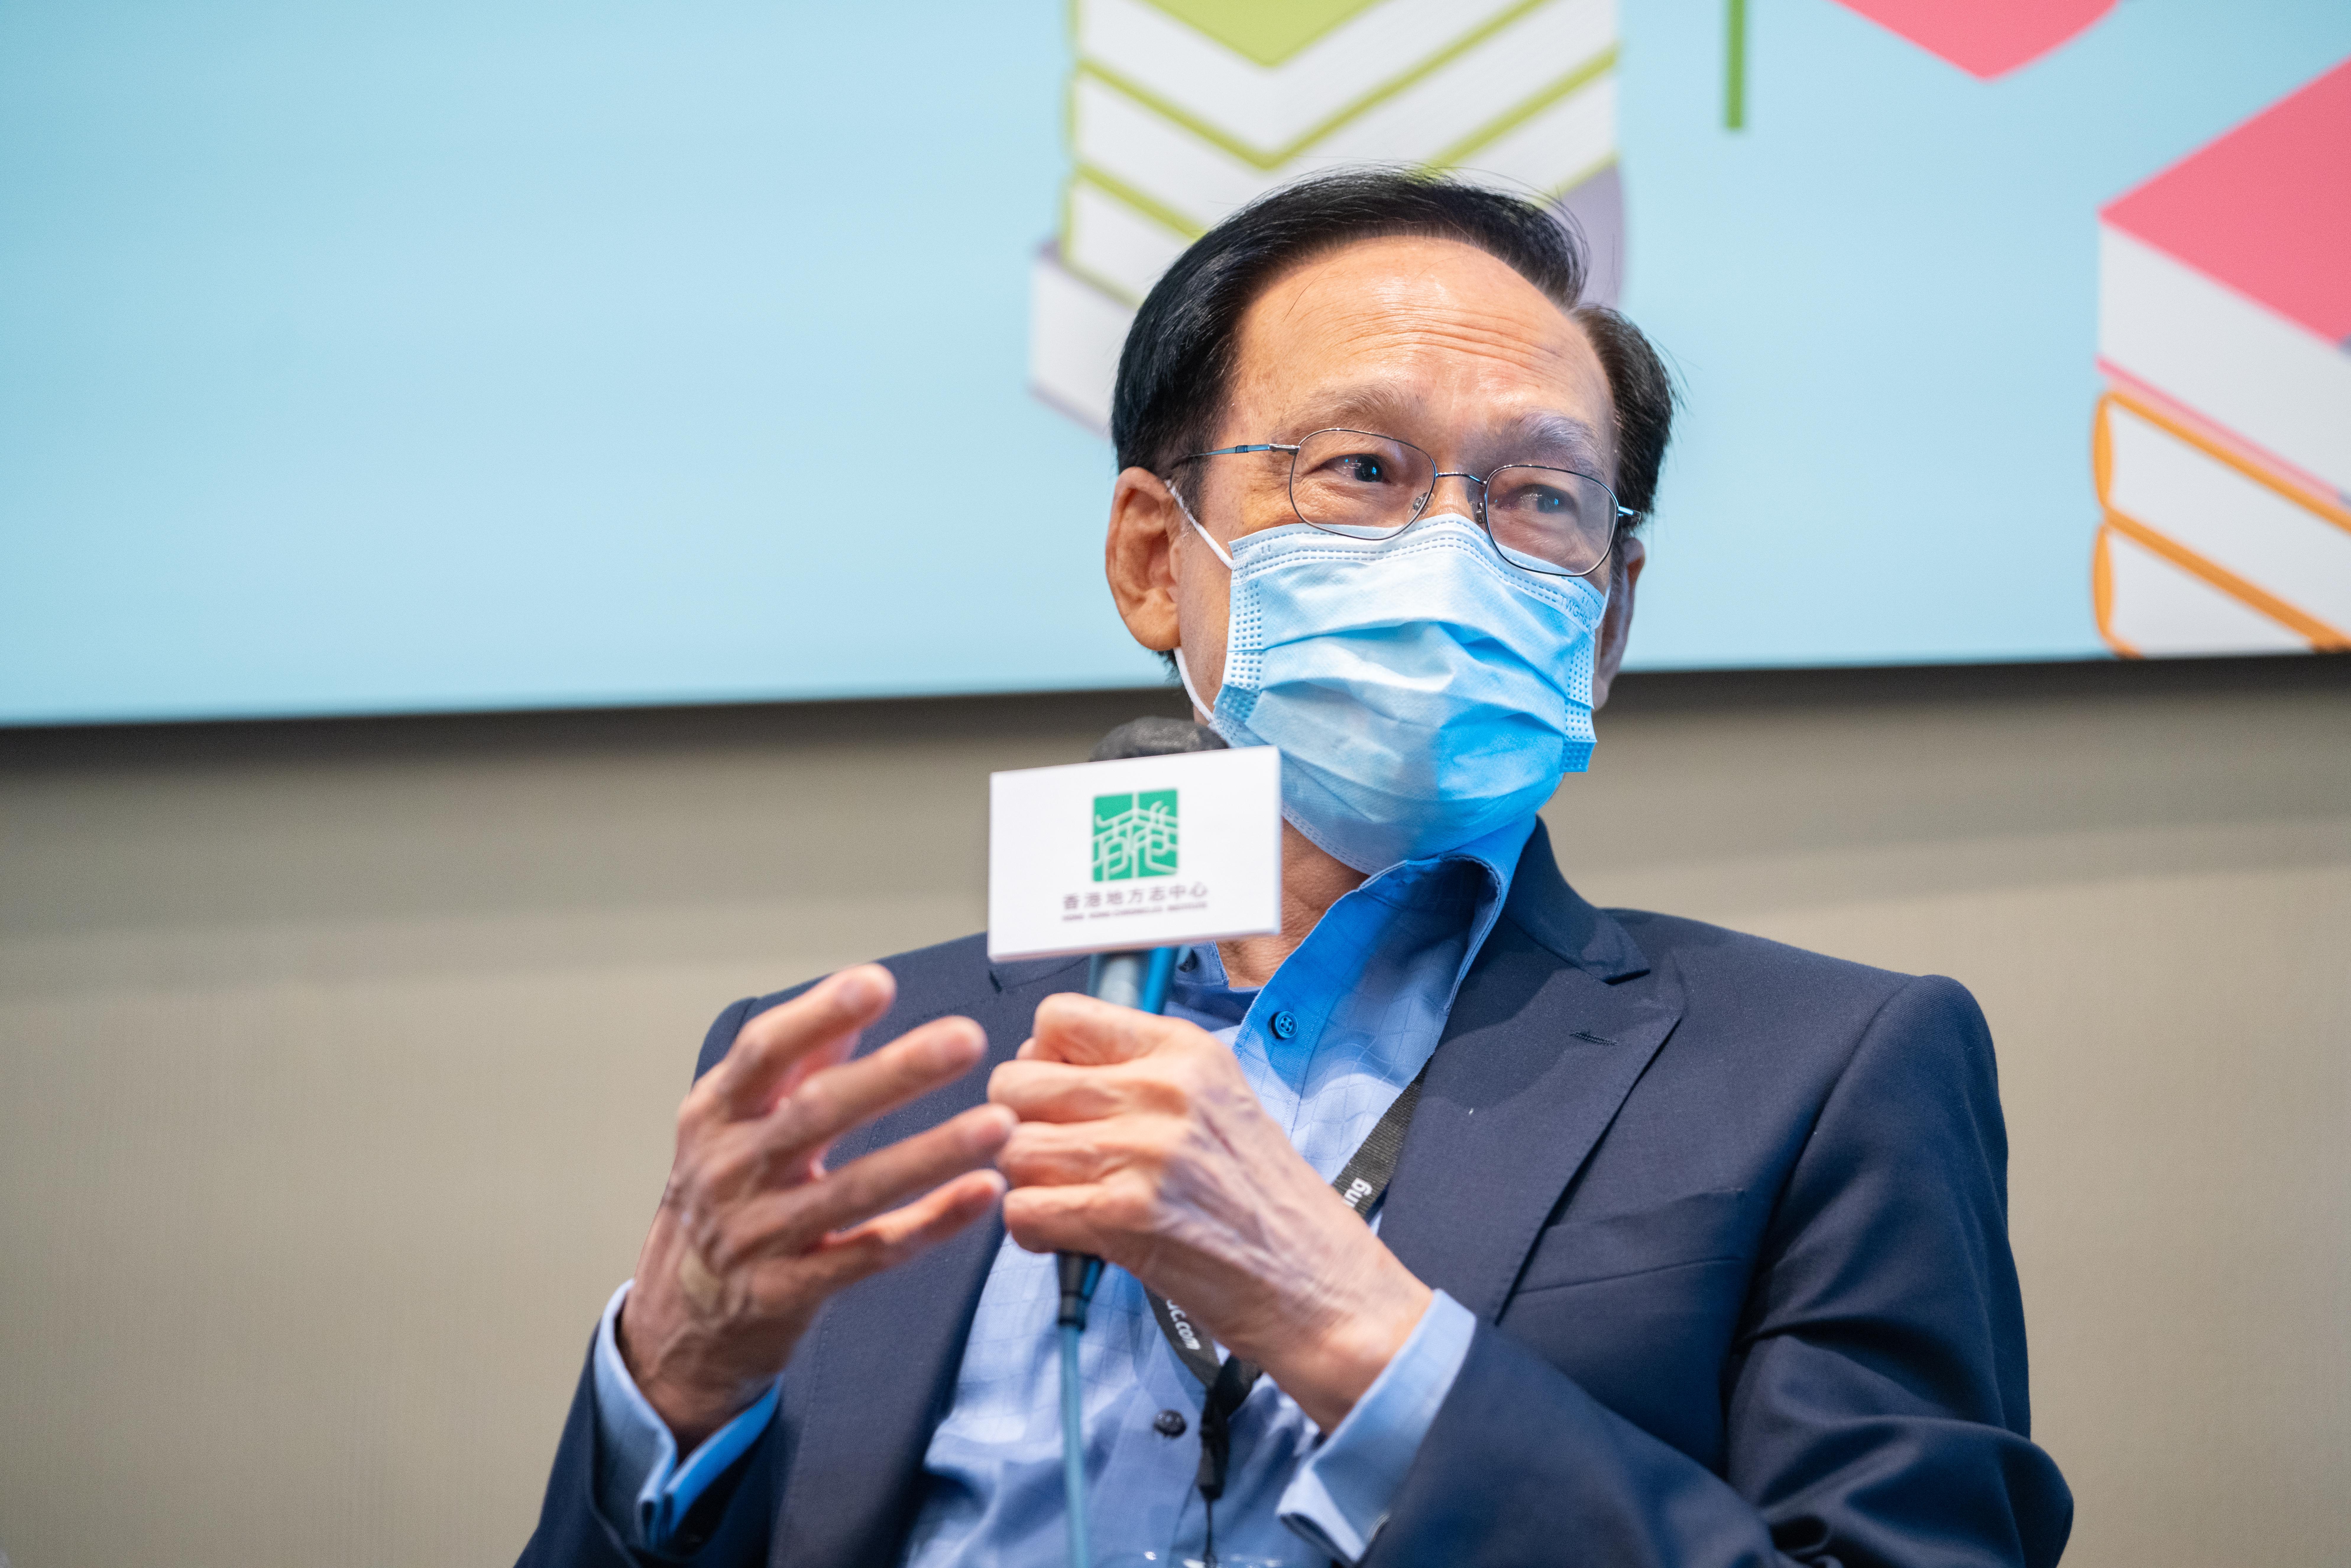 《香港參與國家改革開放》專志的主編之一陳坤耀教授表示,專志是香港首本完整及翔實記錄香港人參與國家改革開放的志書。